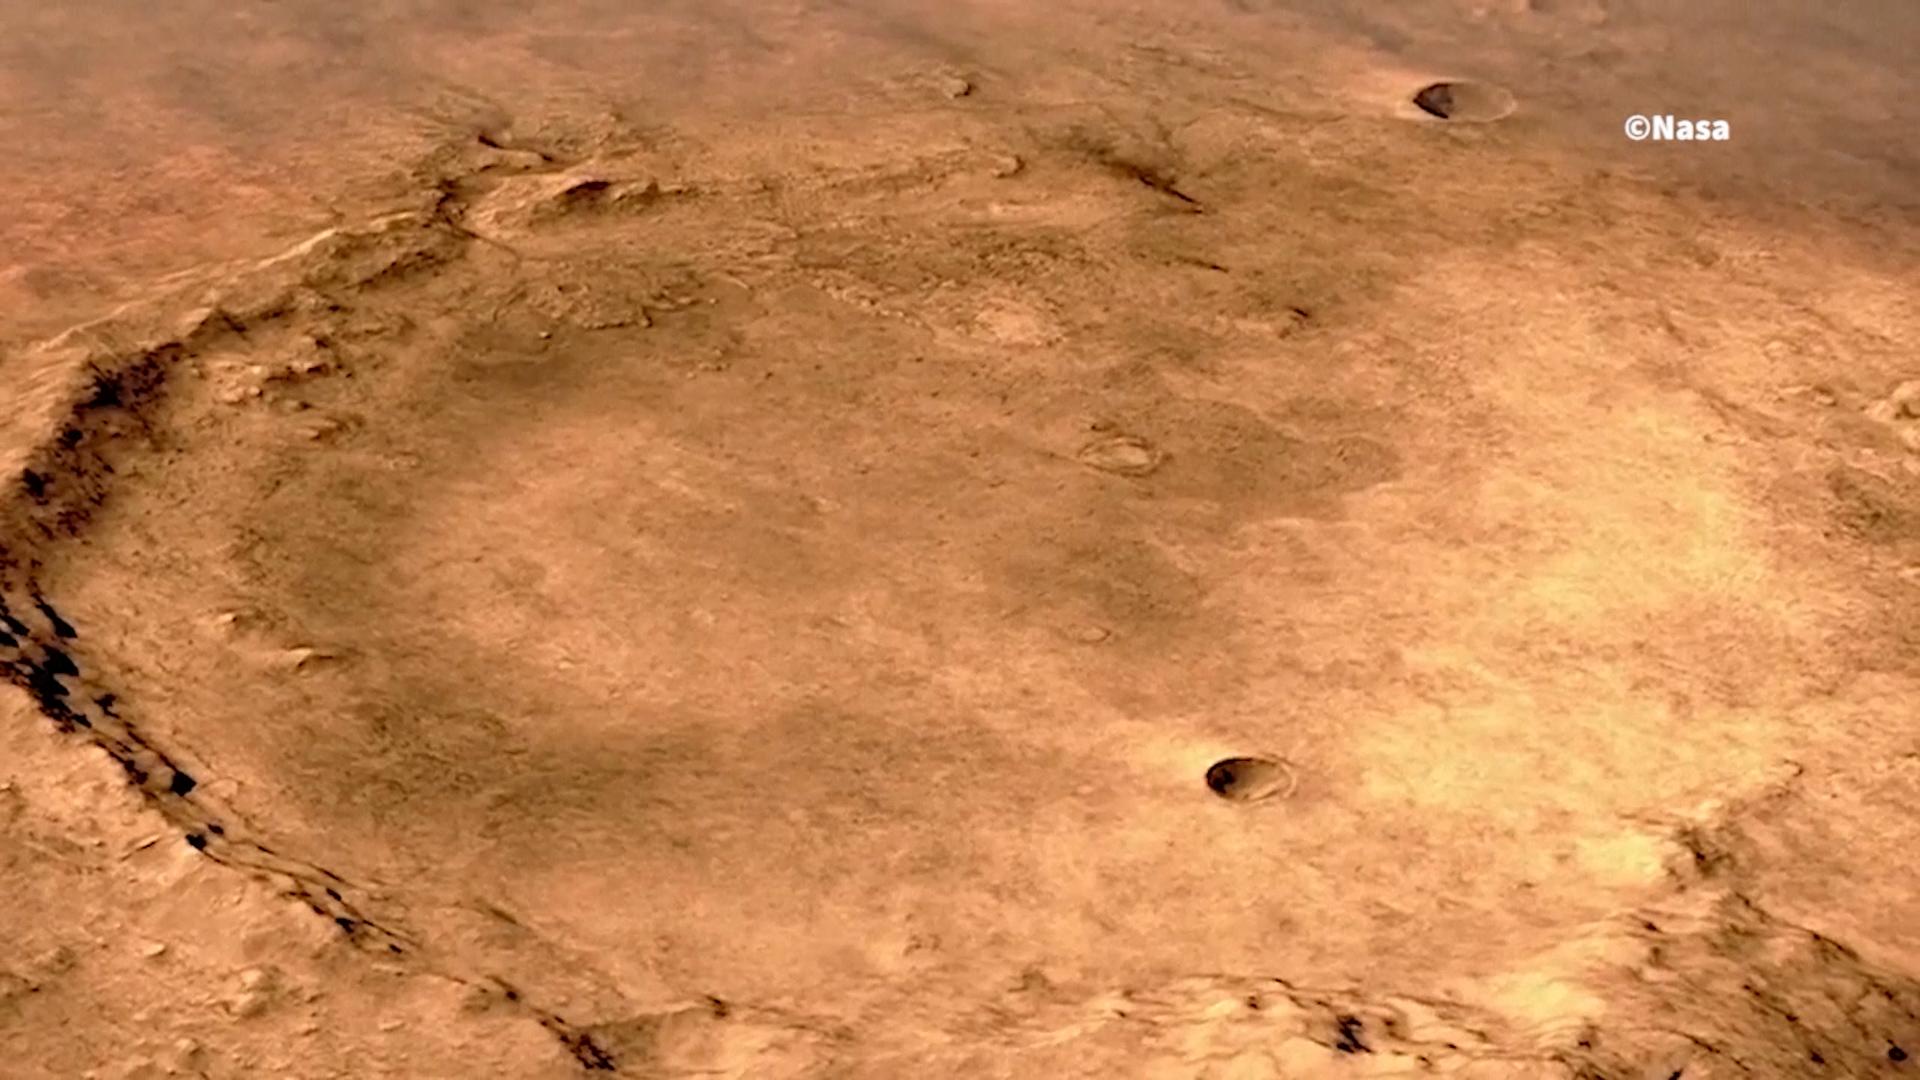 El planeta rojo una vez tuvo los ingredientes de la vida: agua, compuestos orgánicos y un clima favorable. En las muestras que recolectará Perseverance, los científicos esperan encontrar fósiles de bacterias o de otros microbios y confirmar que la vida existió en Marte.